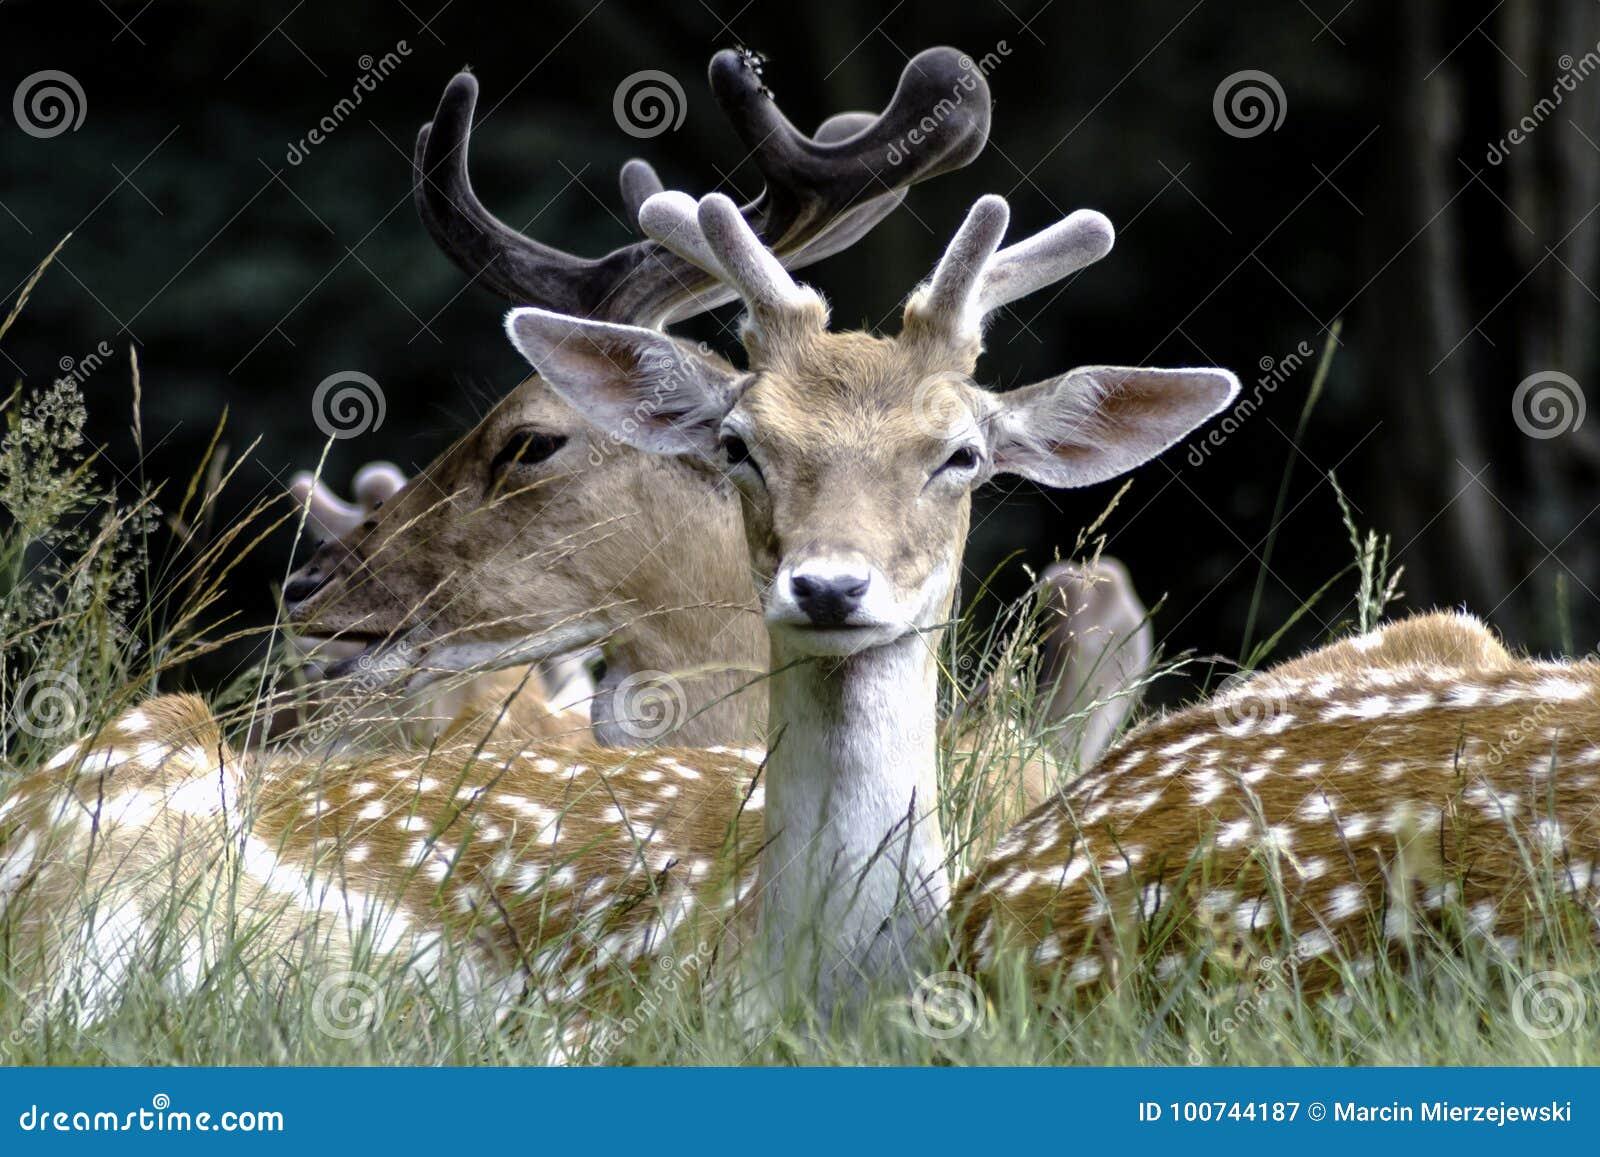 Young wild deer